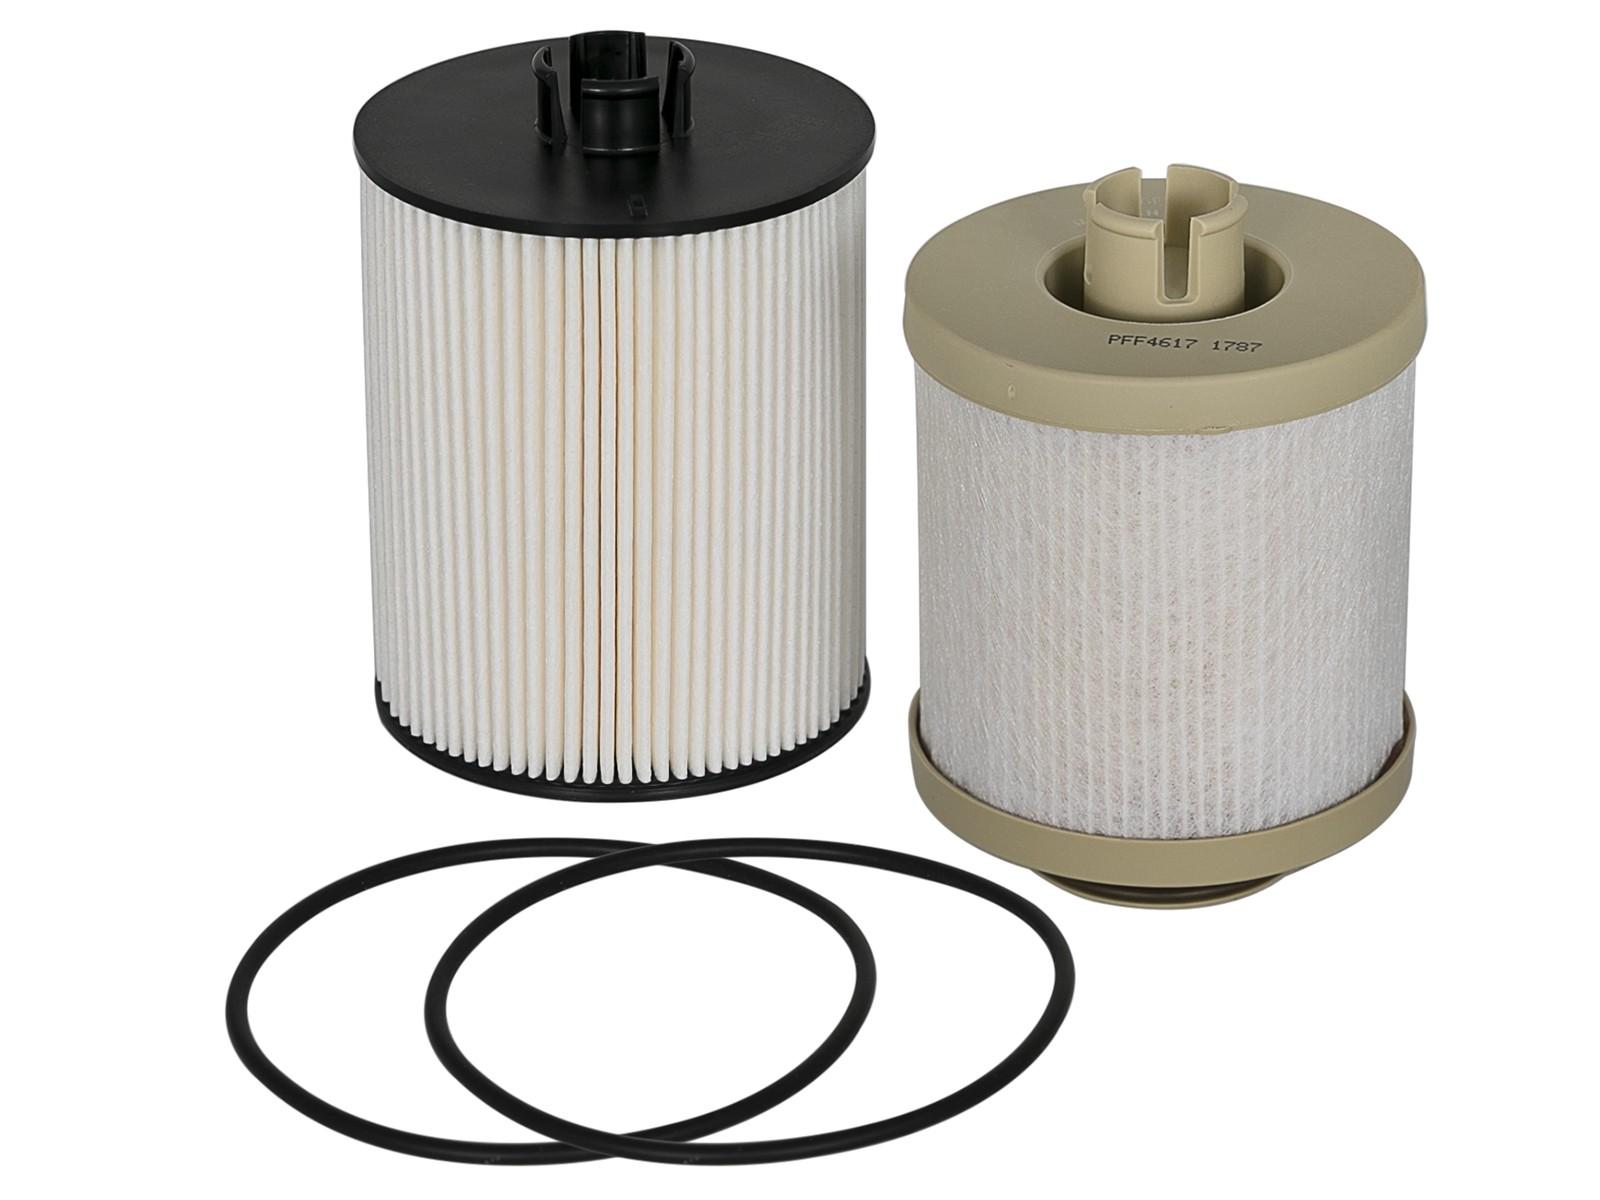 hight resolution of 2014 camaro fuel filter